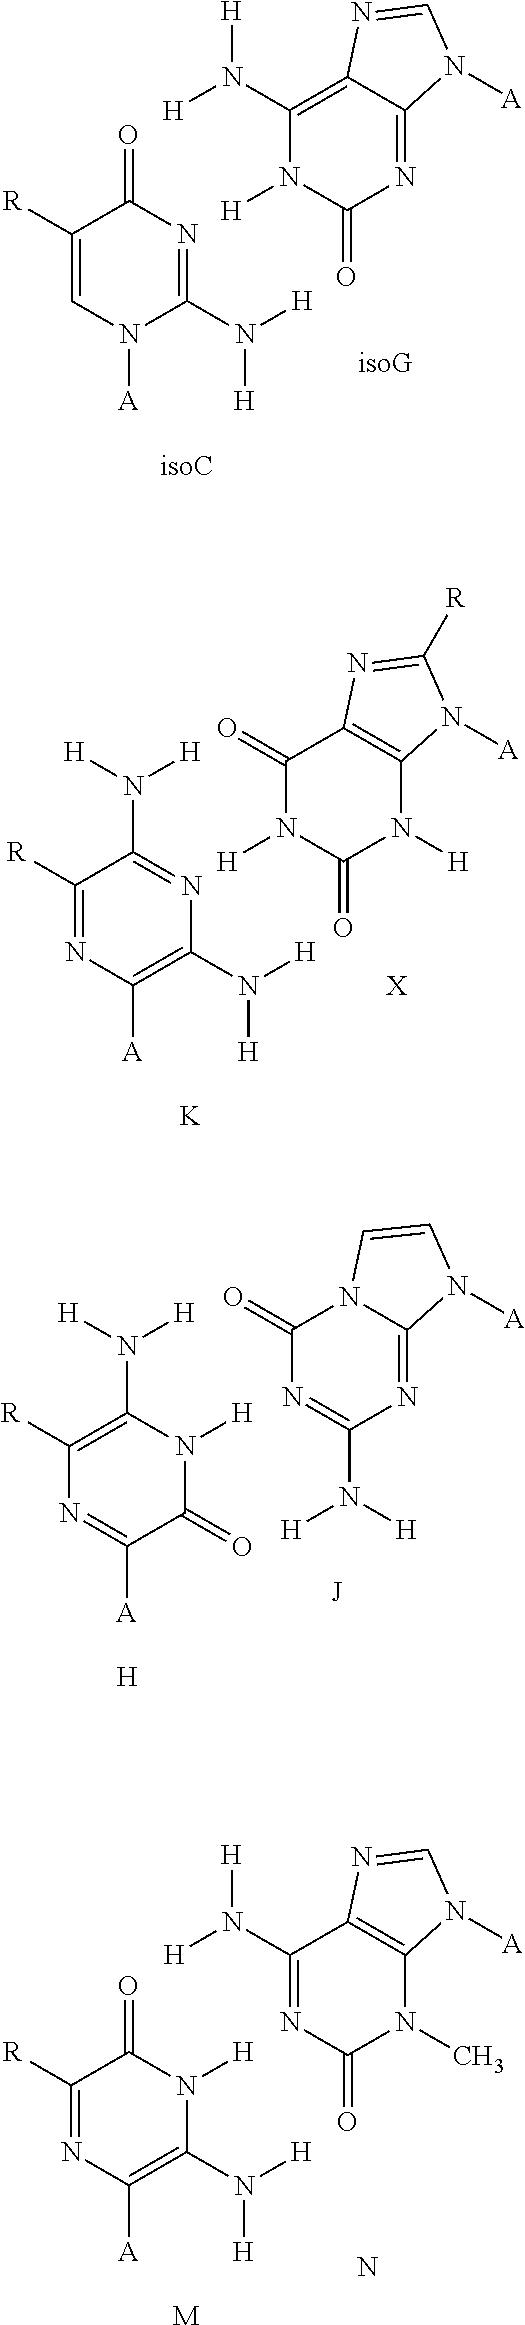 Figure US08313932-20121120-C00001